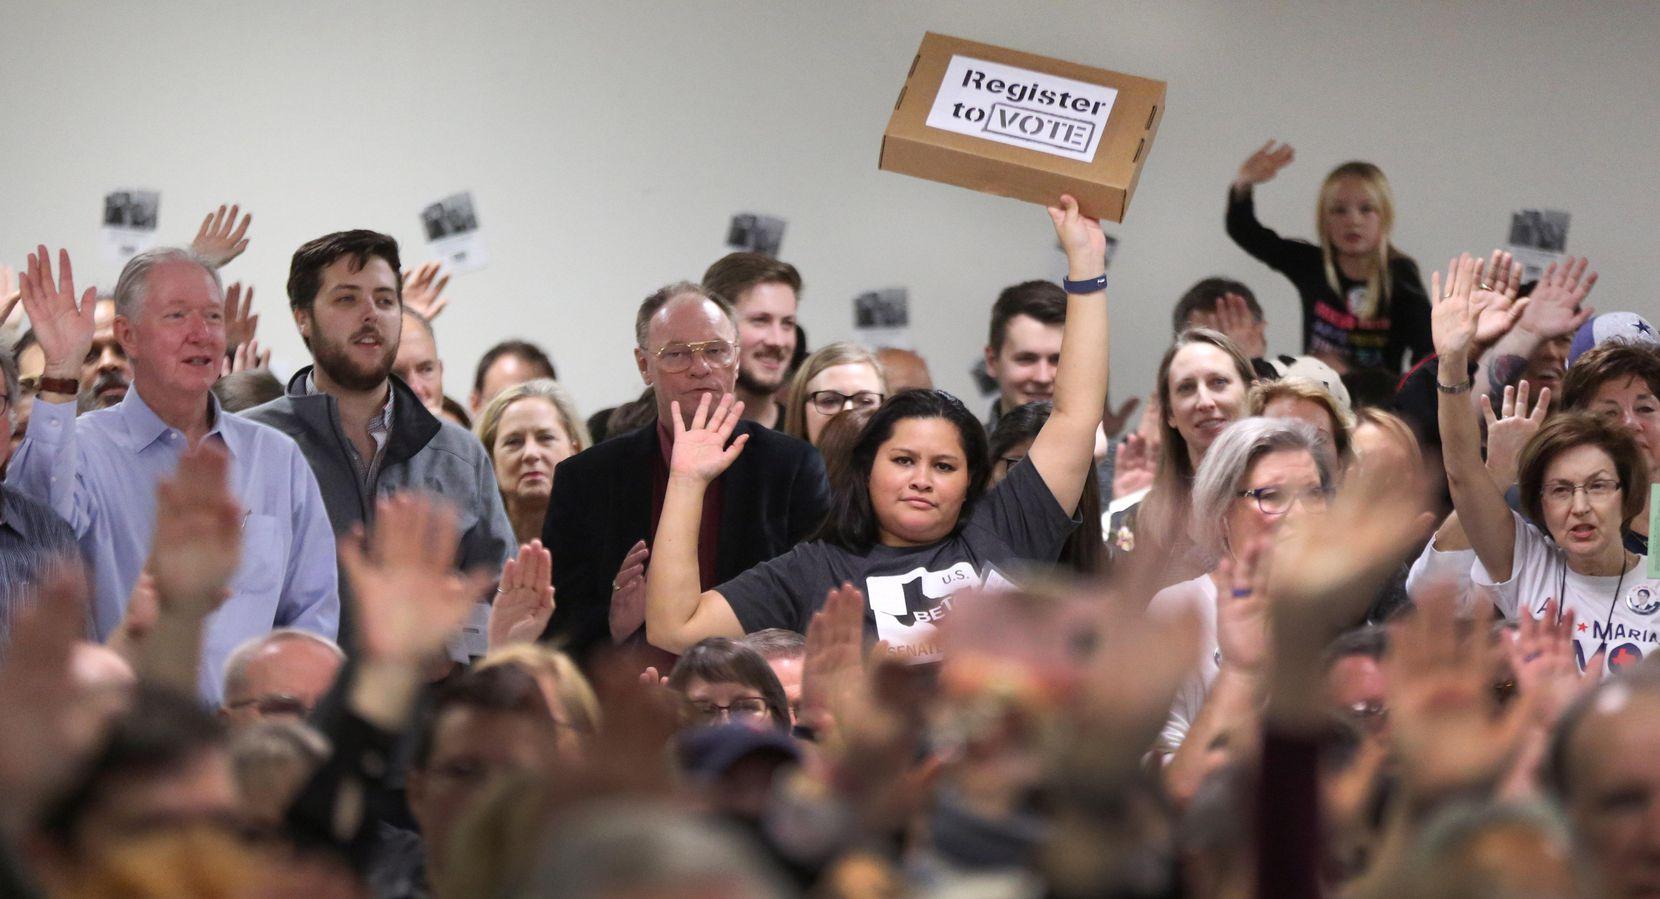 Simpatizantes de Beto O'Rourke, quien ha generado entusiasmo entre los electores demócratas.LOUIS DeLUCA/DMN